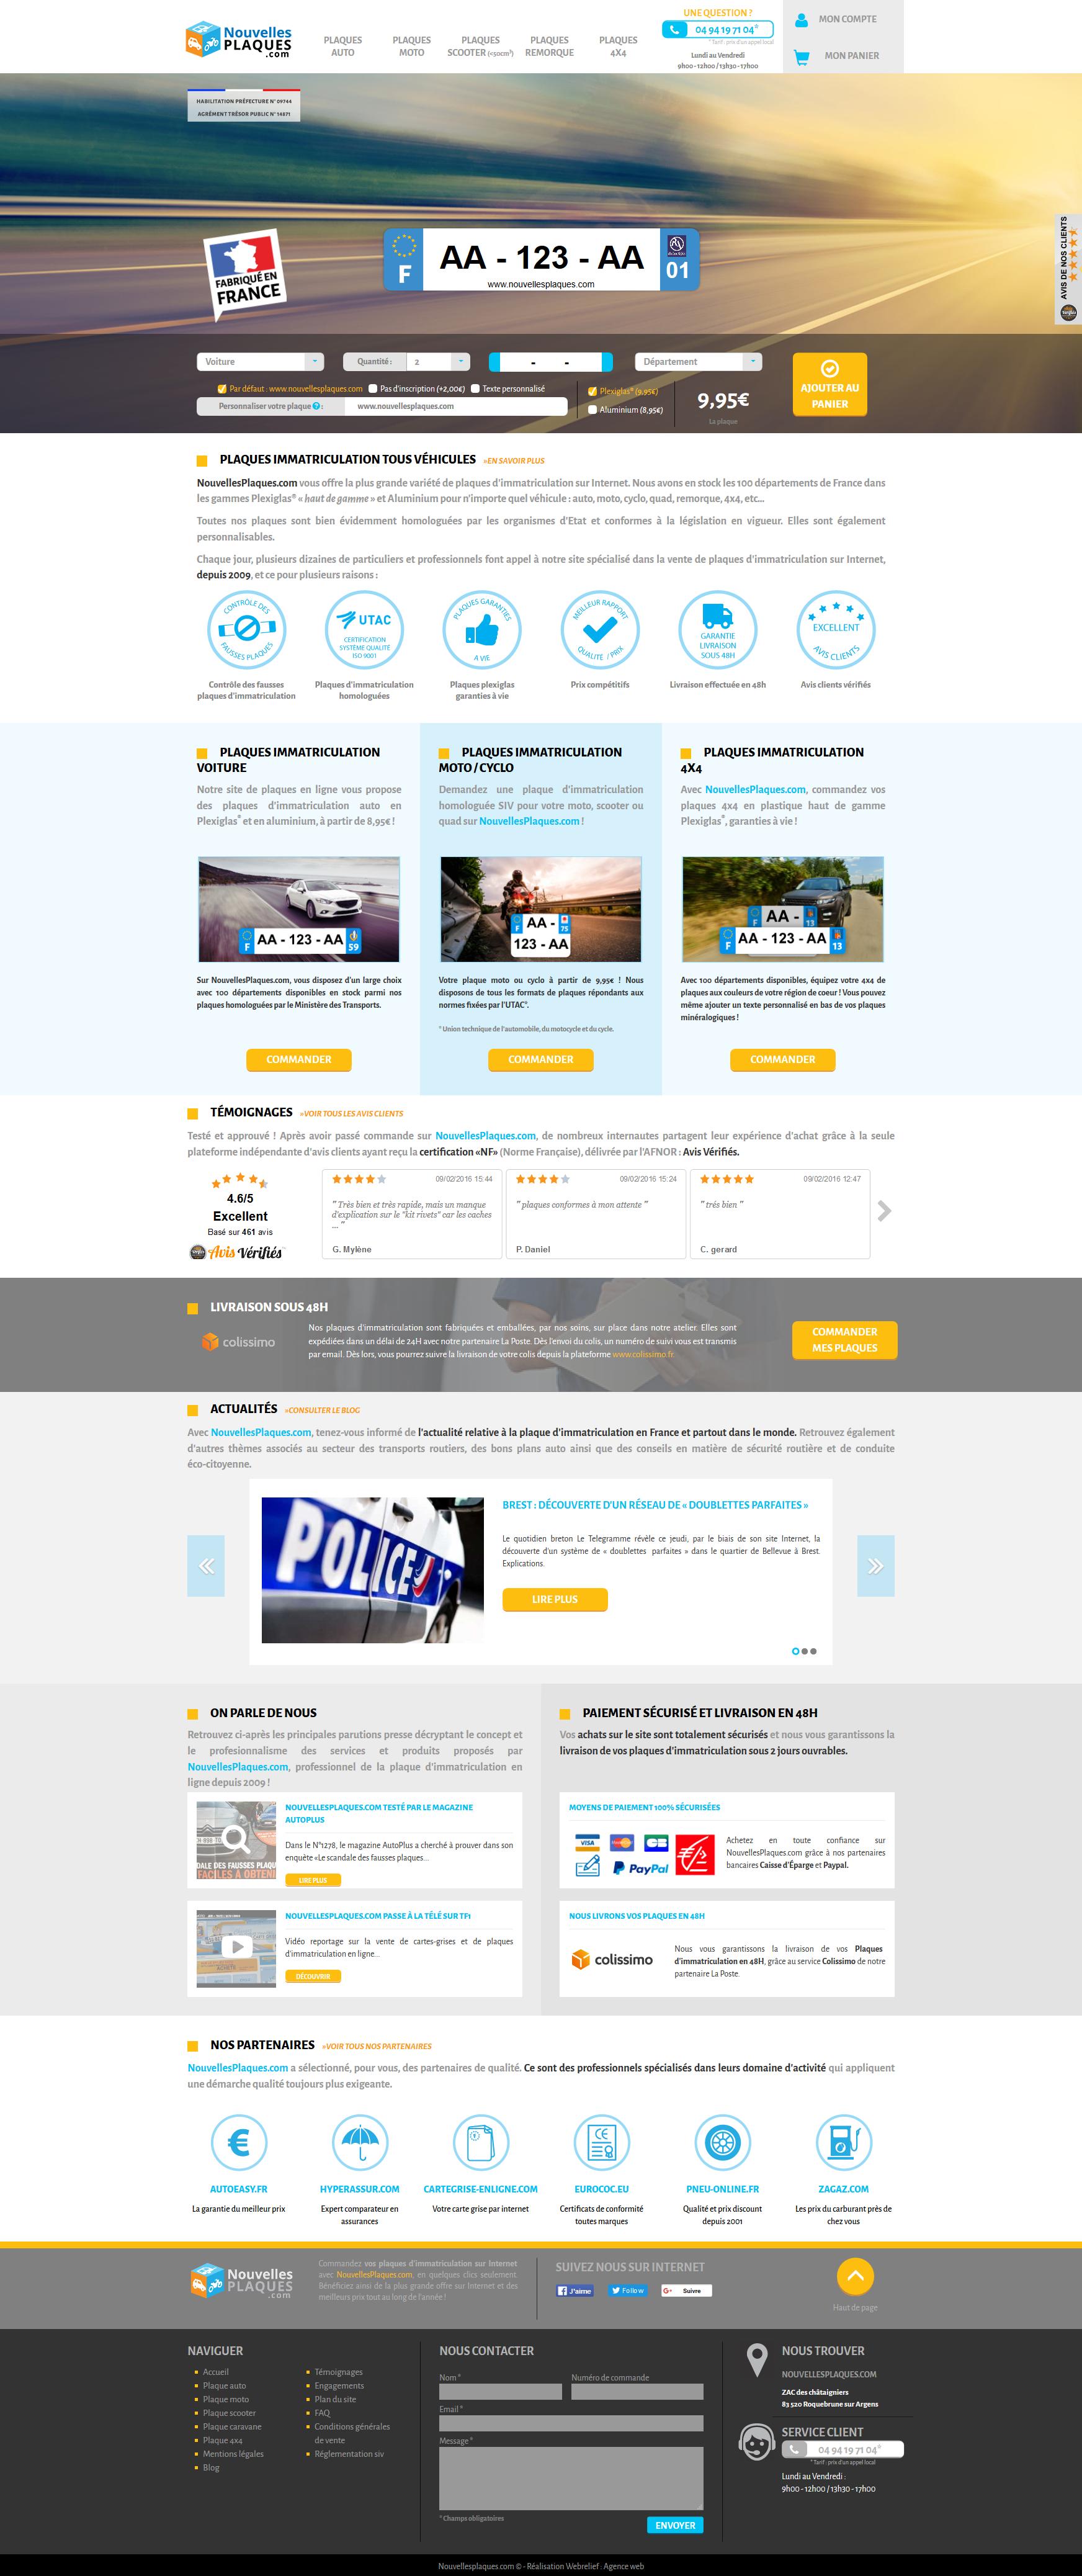 Voici la homepage de notre dernier projet : le site e-commerce www.nouvellesplaques.com  Bonne naviguation !  #ergonomie #ux